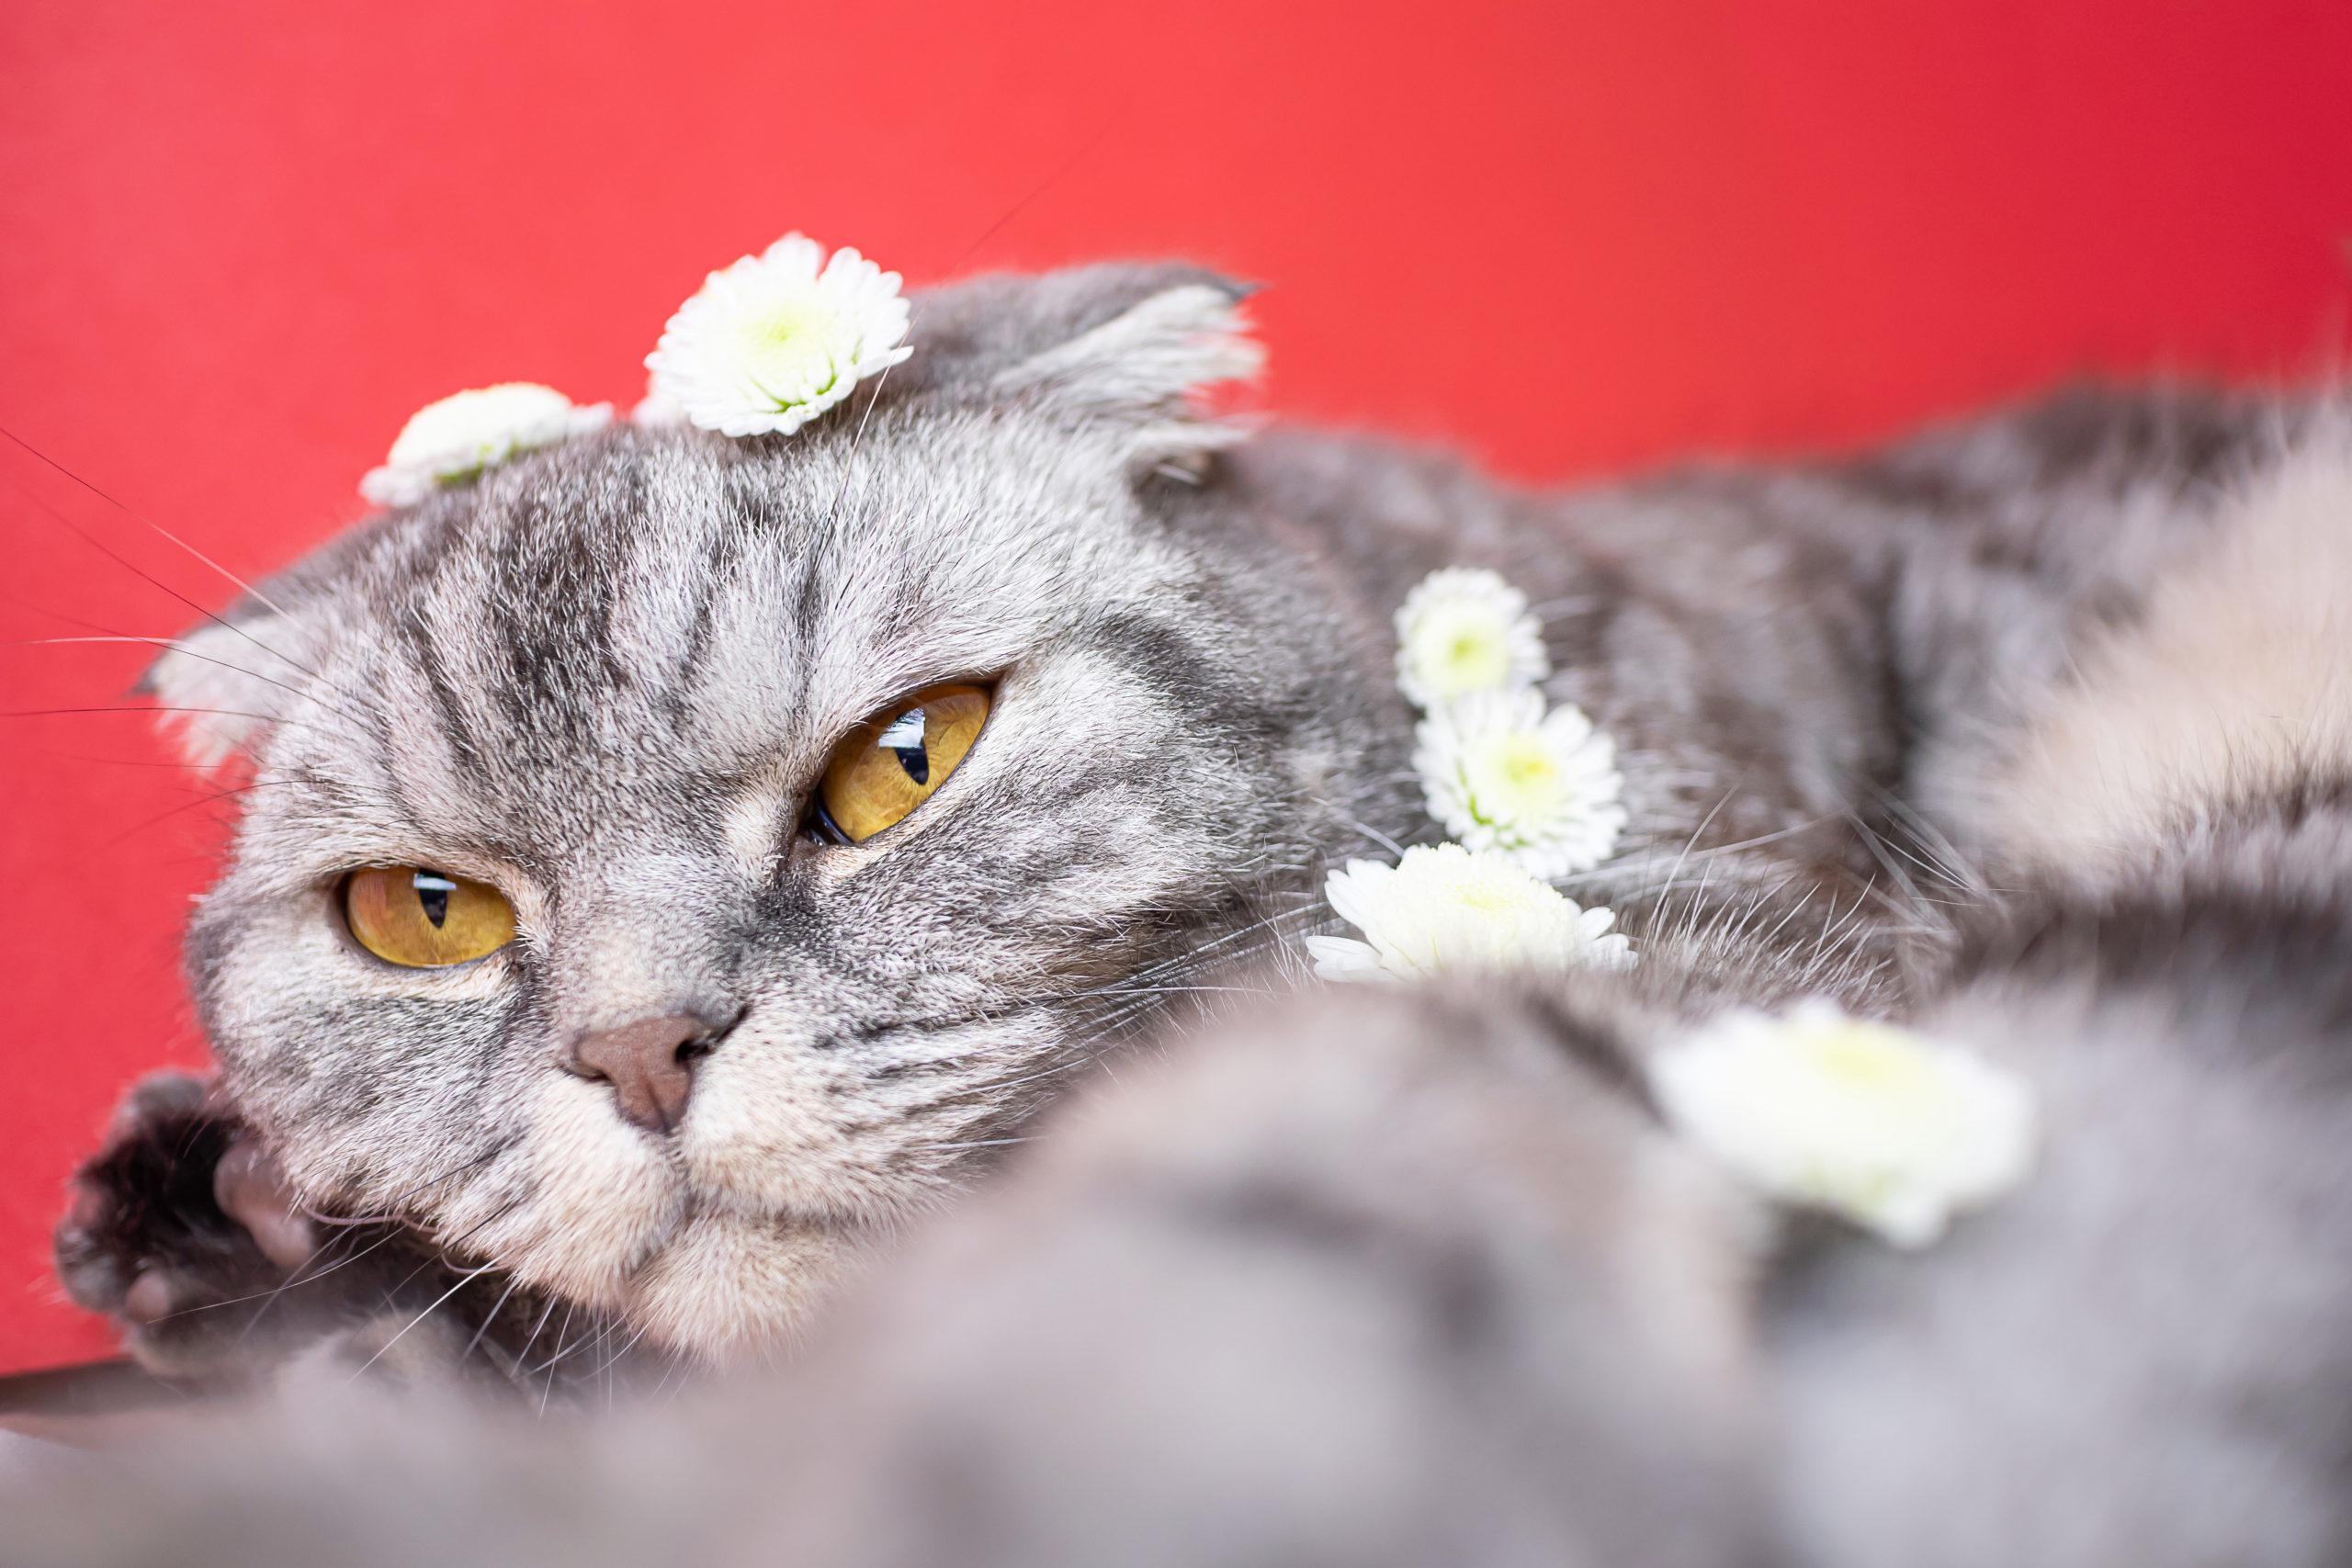 【2020年】猫の人気の動画【再生回数100万回以上を厳選】